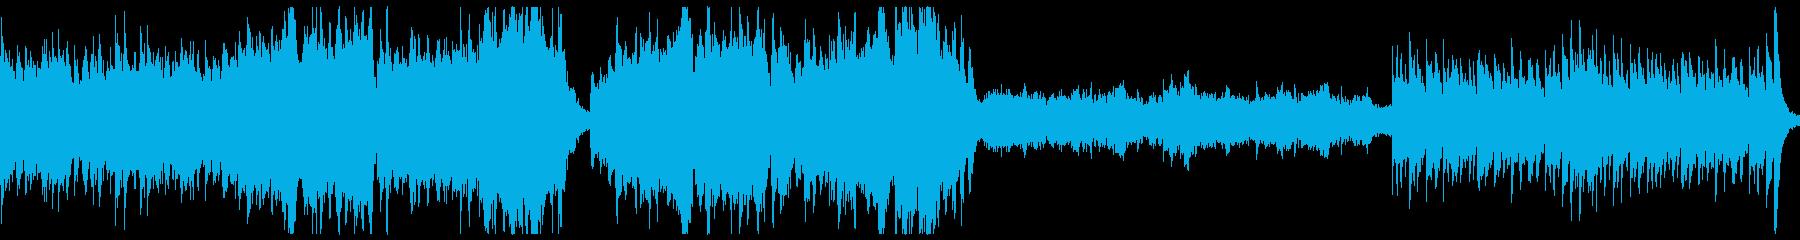 ストリングスと木管のホラー曲。3拍子の再生済みの波形